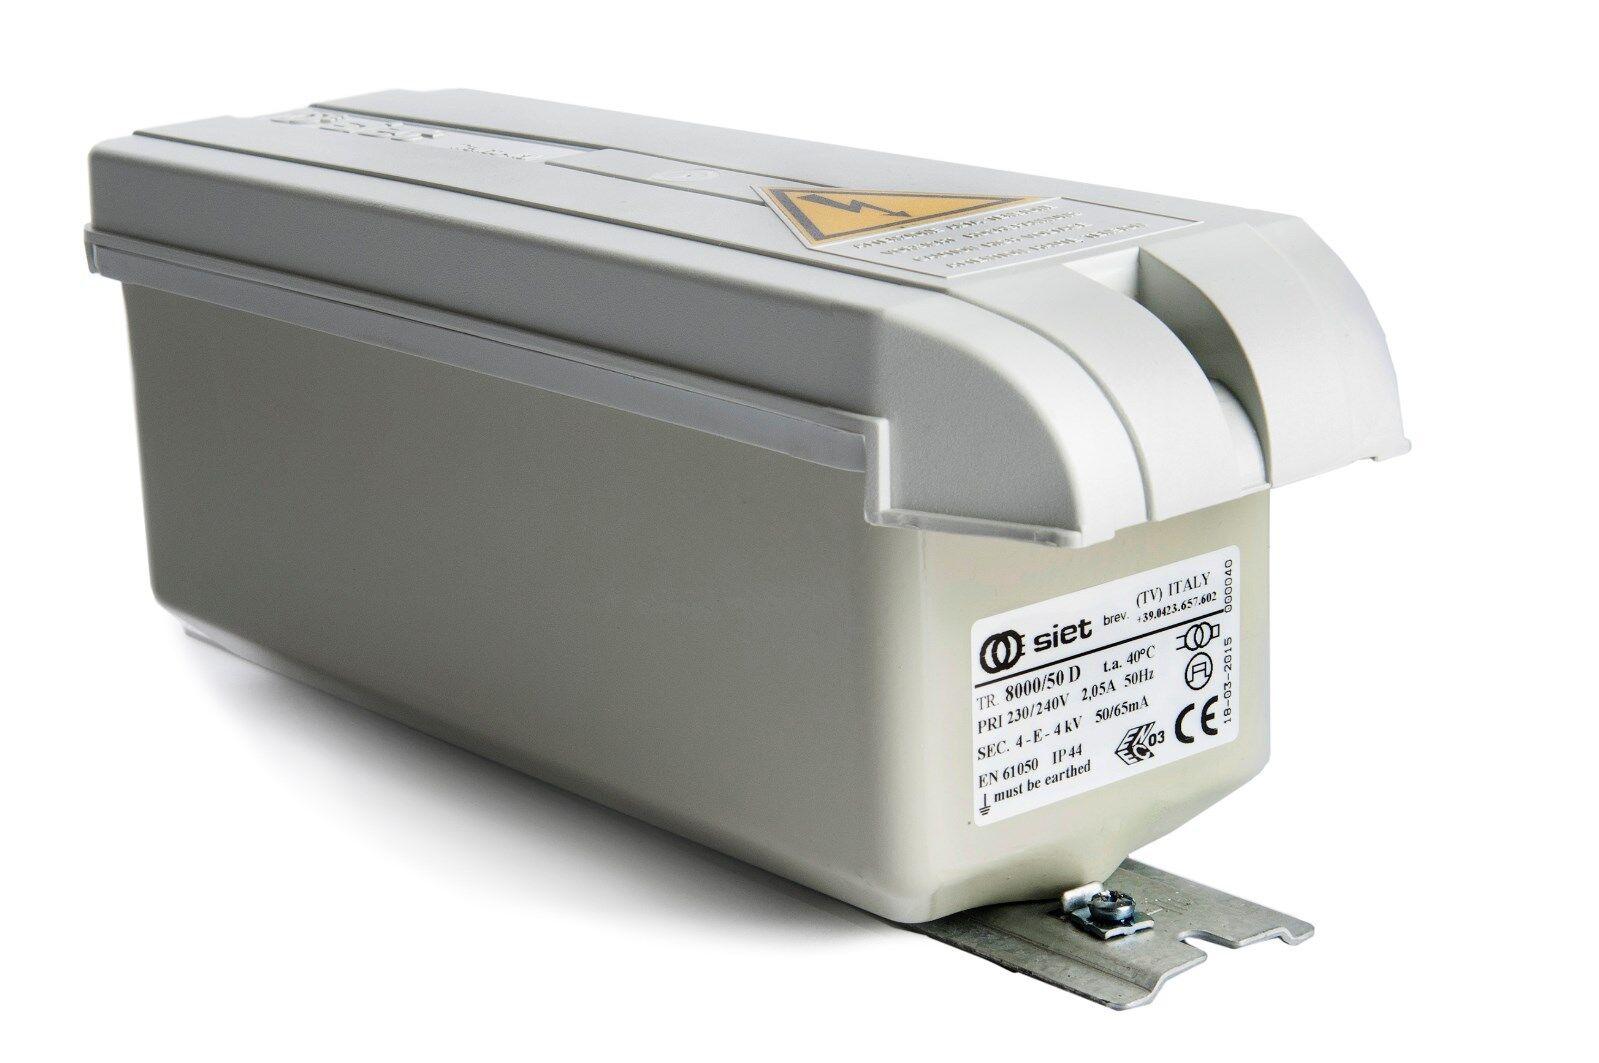 Neon siet transformateur 6 kV 35 mA | Pour Pour Pour Gagner L'éloge Chaleureux Auprès De Ses Clients  0fa796